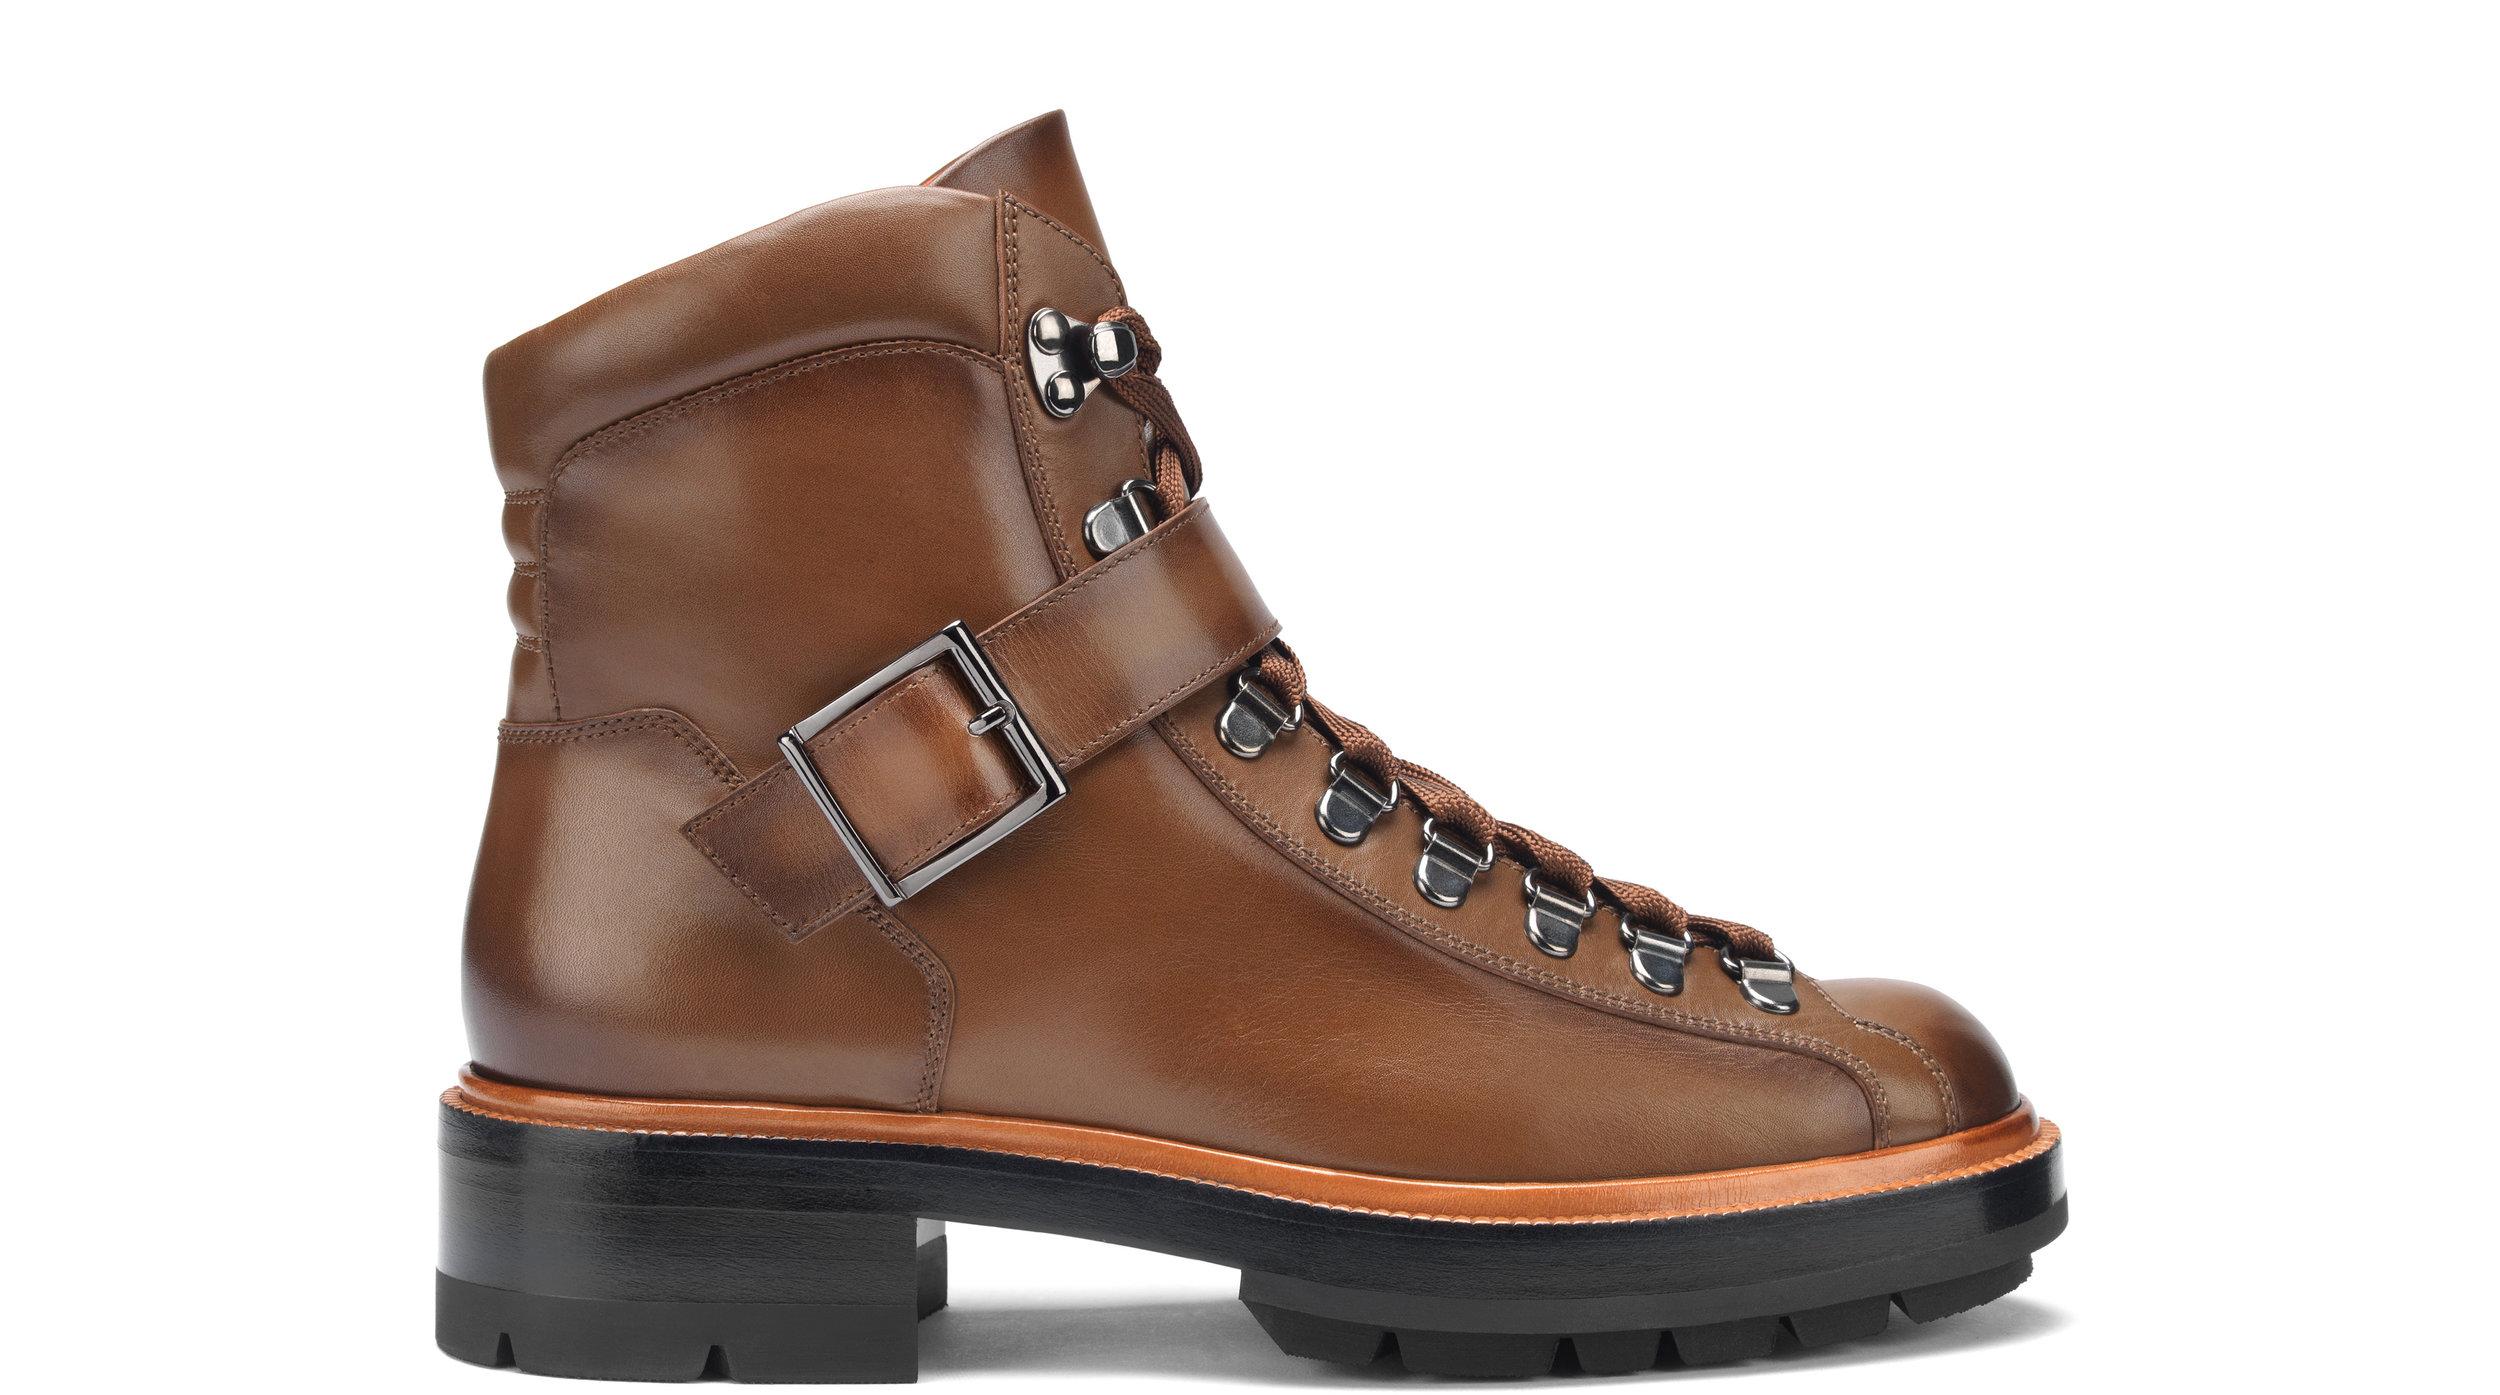 santoni footwear luxury mountain fashionado